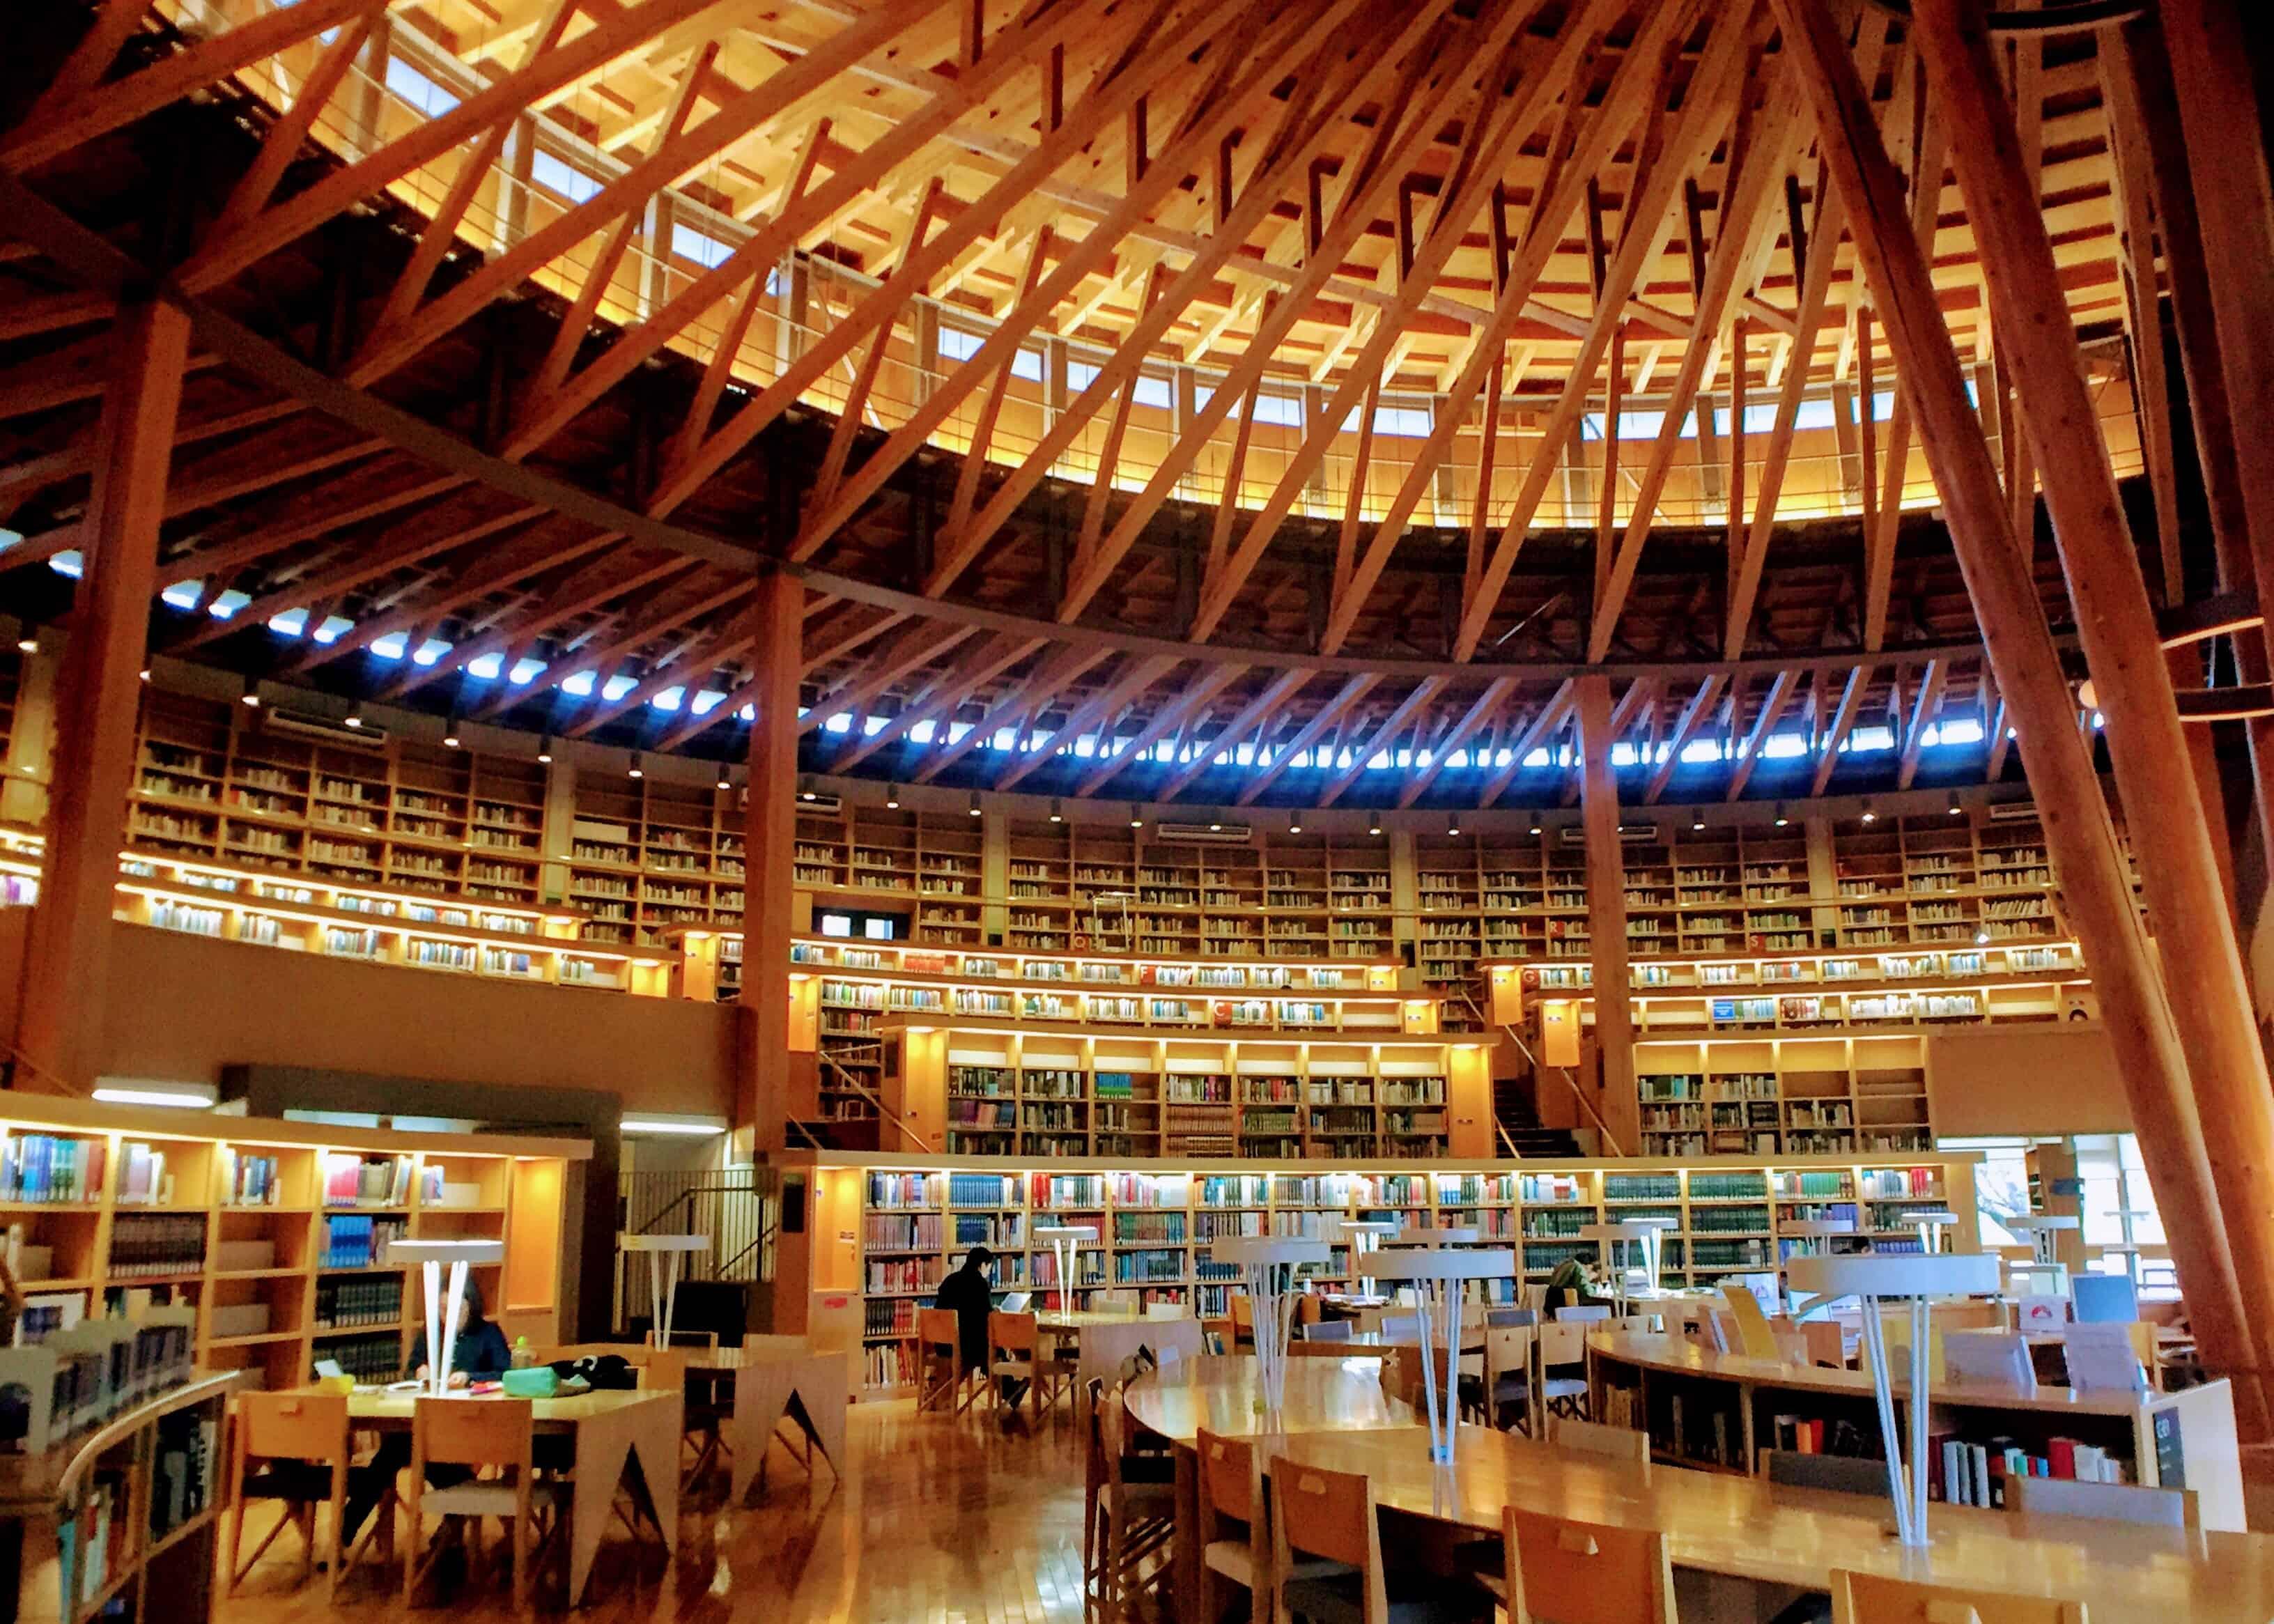 國際教養大學中嶋紀念圖書館